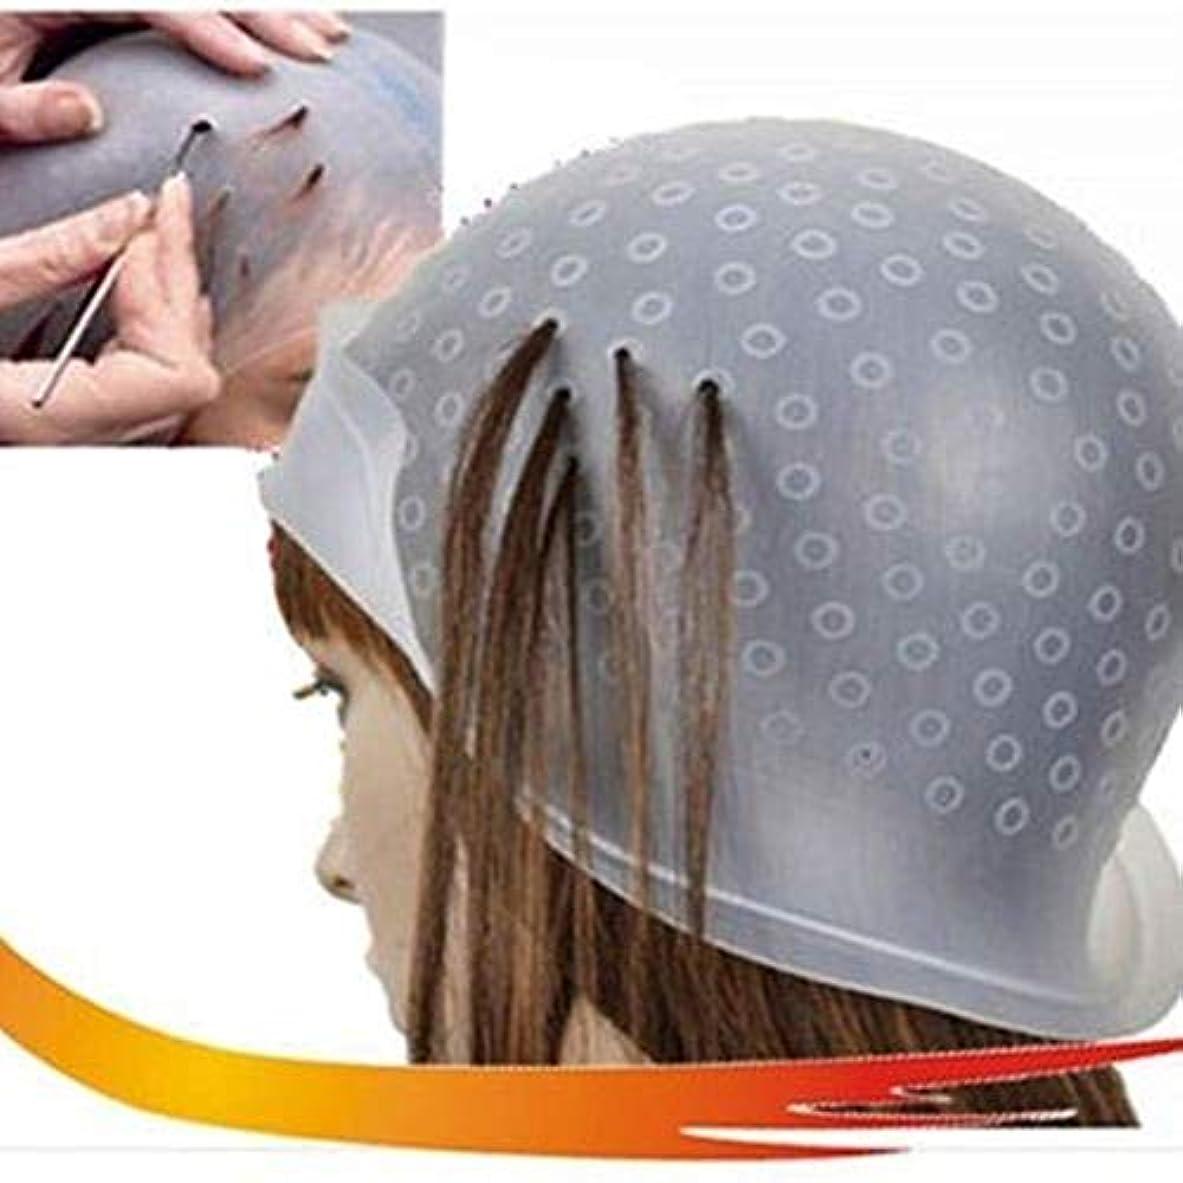 批判的にかる混乱Onior 髪を染色するための金属製のヘアフックが付いているシリコーンの強調表示の帽子の再使用可能な大広間の毛の着色の帽子